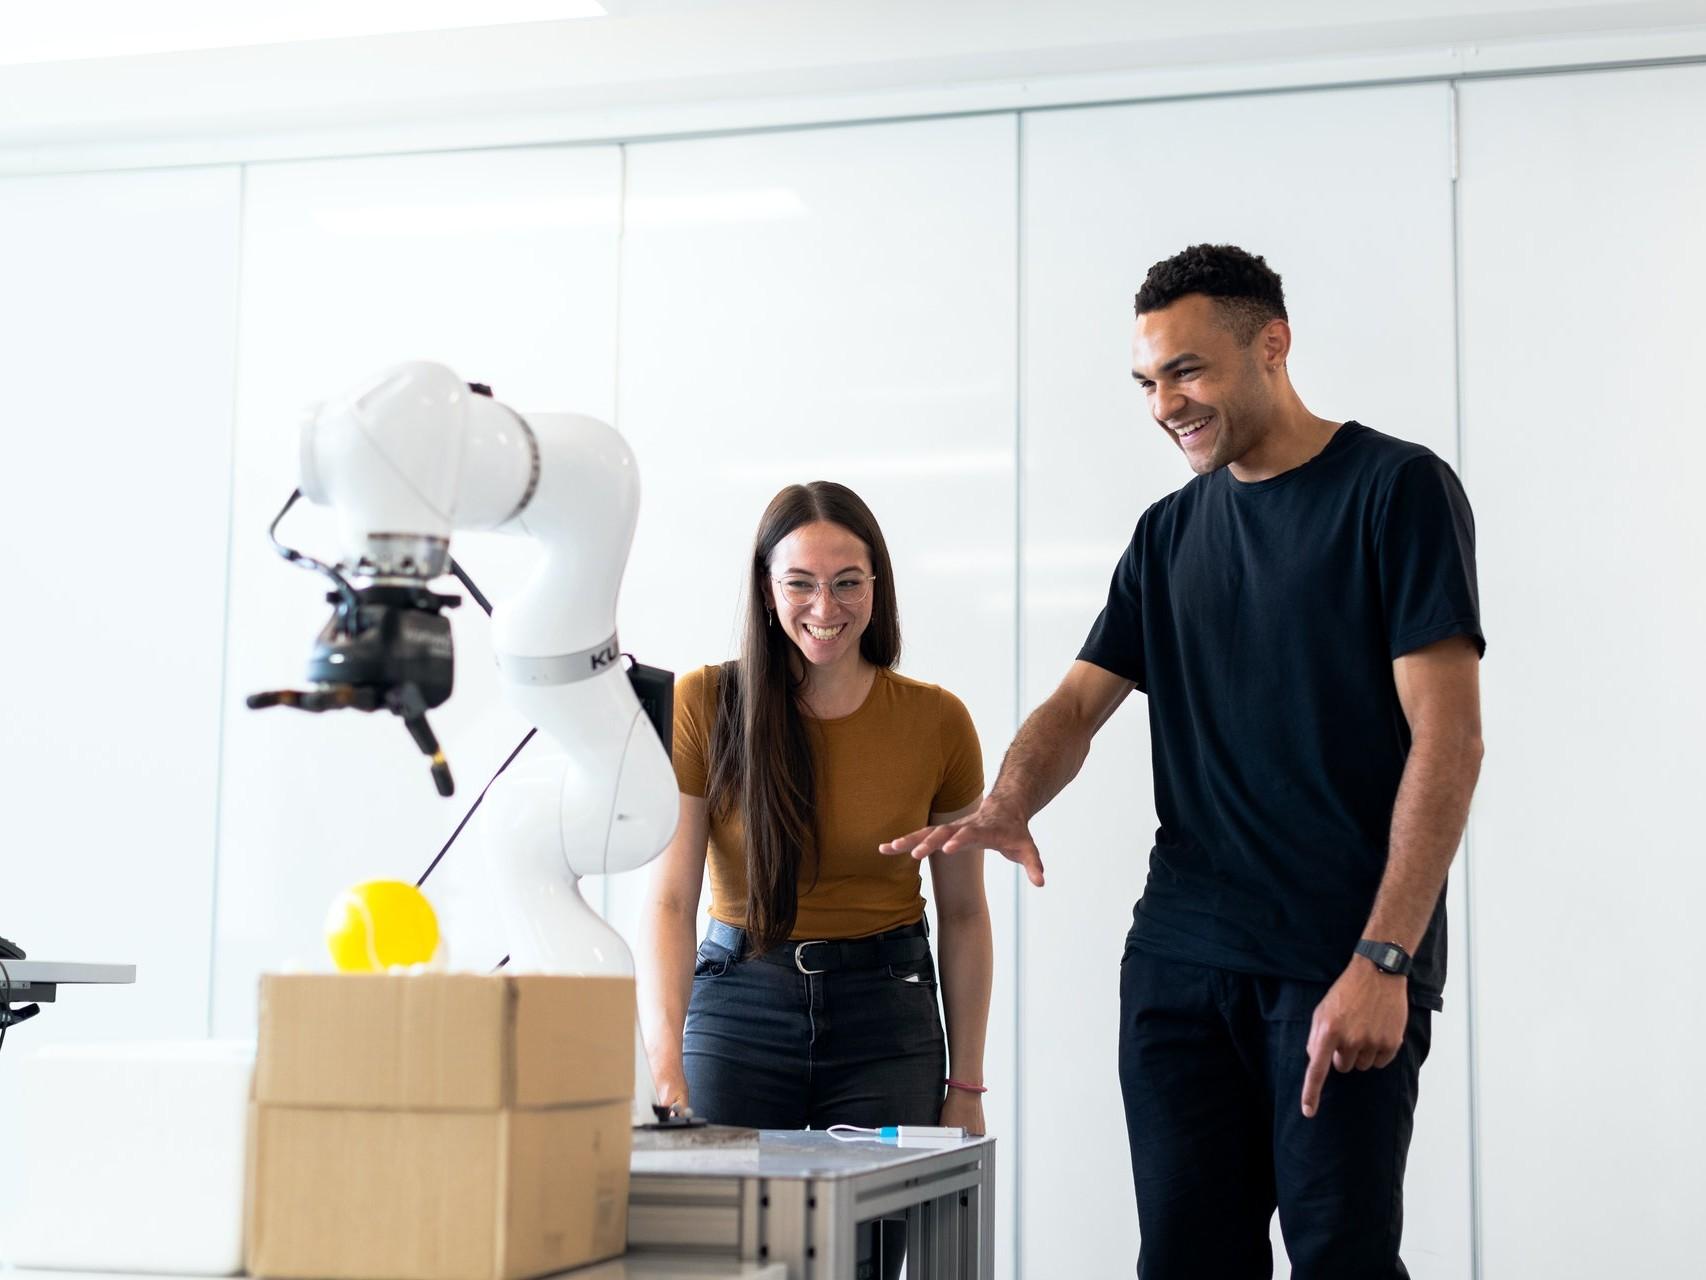 Junge Frau und junger Mann stehen in einem Raum vor einem weißen Roboterarm.